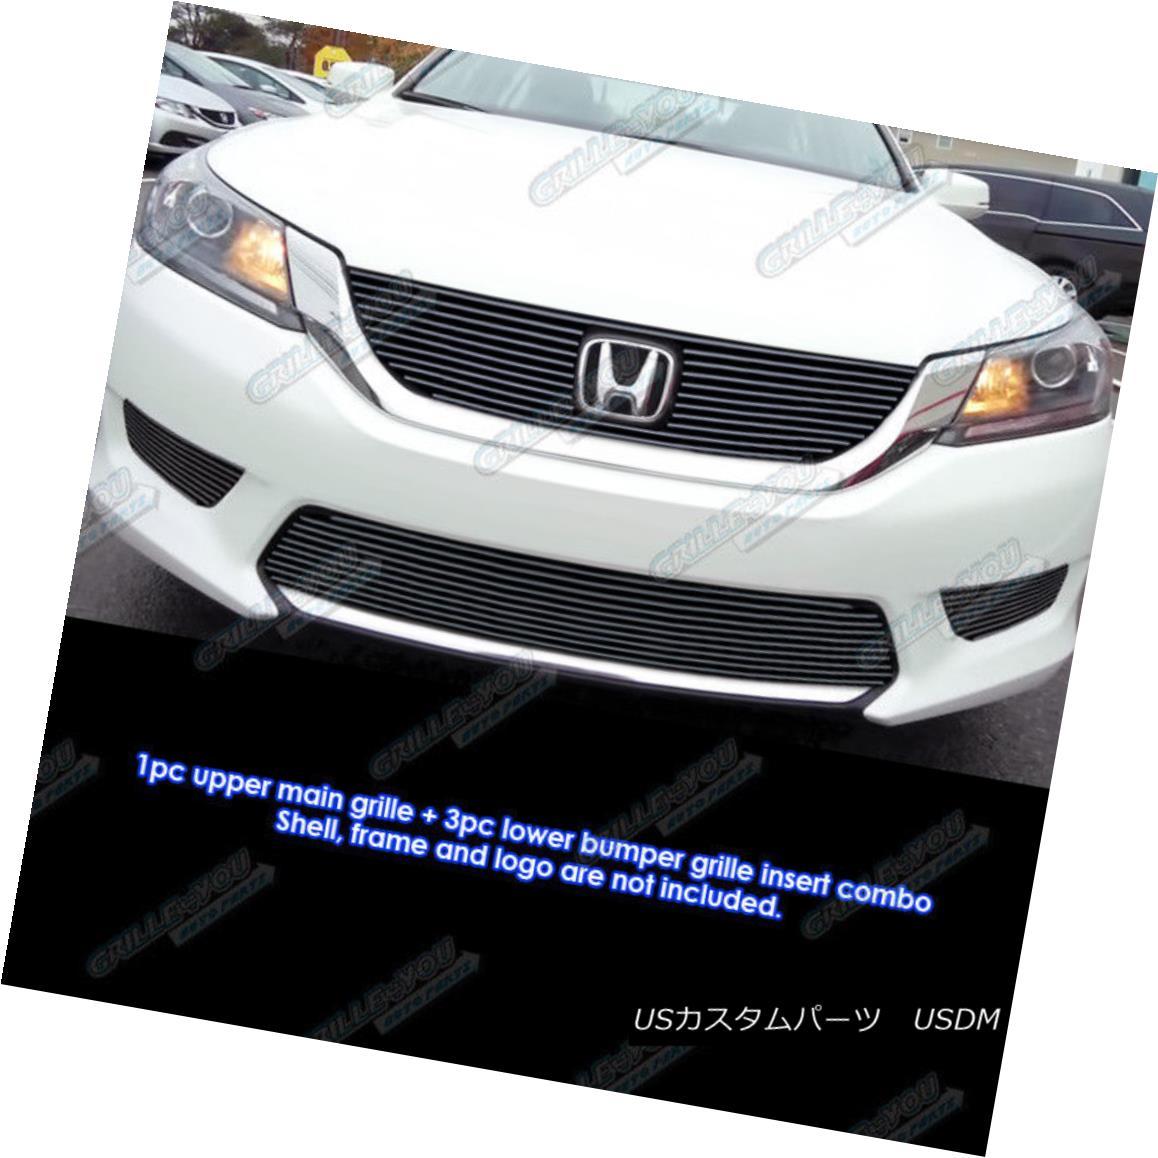 グリル For 2013-2015 Honda Accord Sedan W/Fog Light Cover Black Billet Grille Combo 2013-2015ホンダアコードセダンW /フォグライトカバーブラックビレットグリルコンボ用